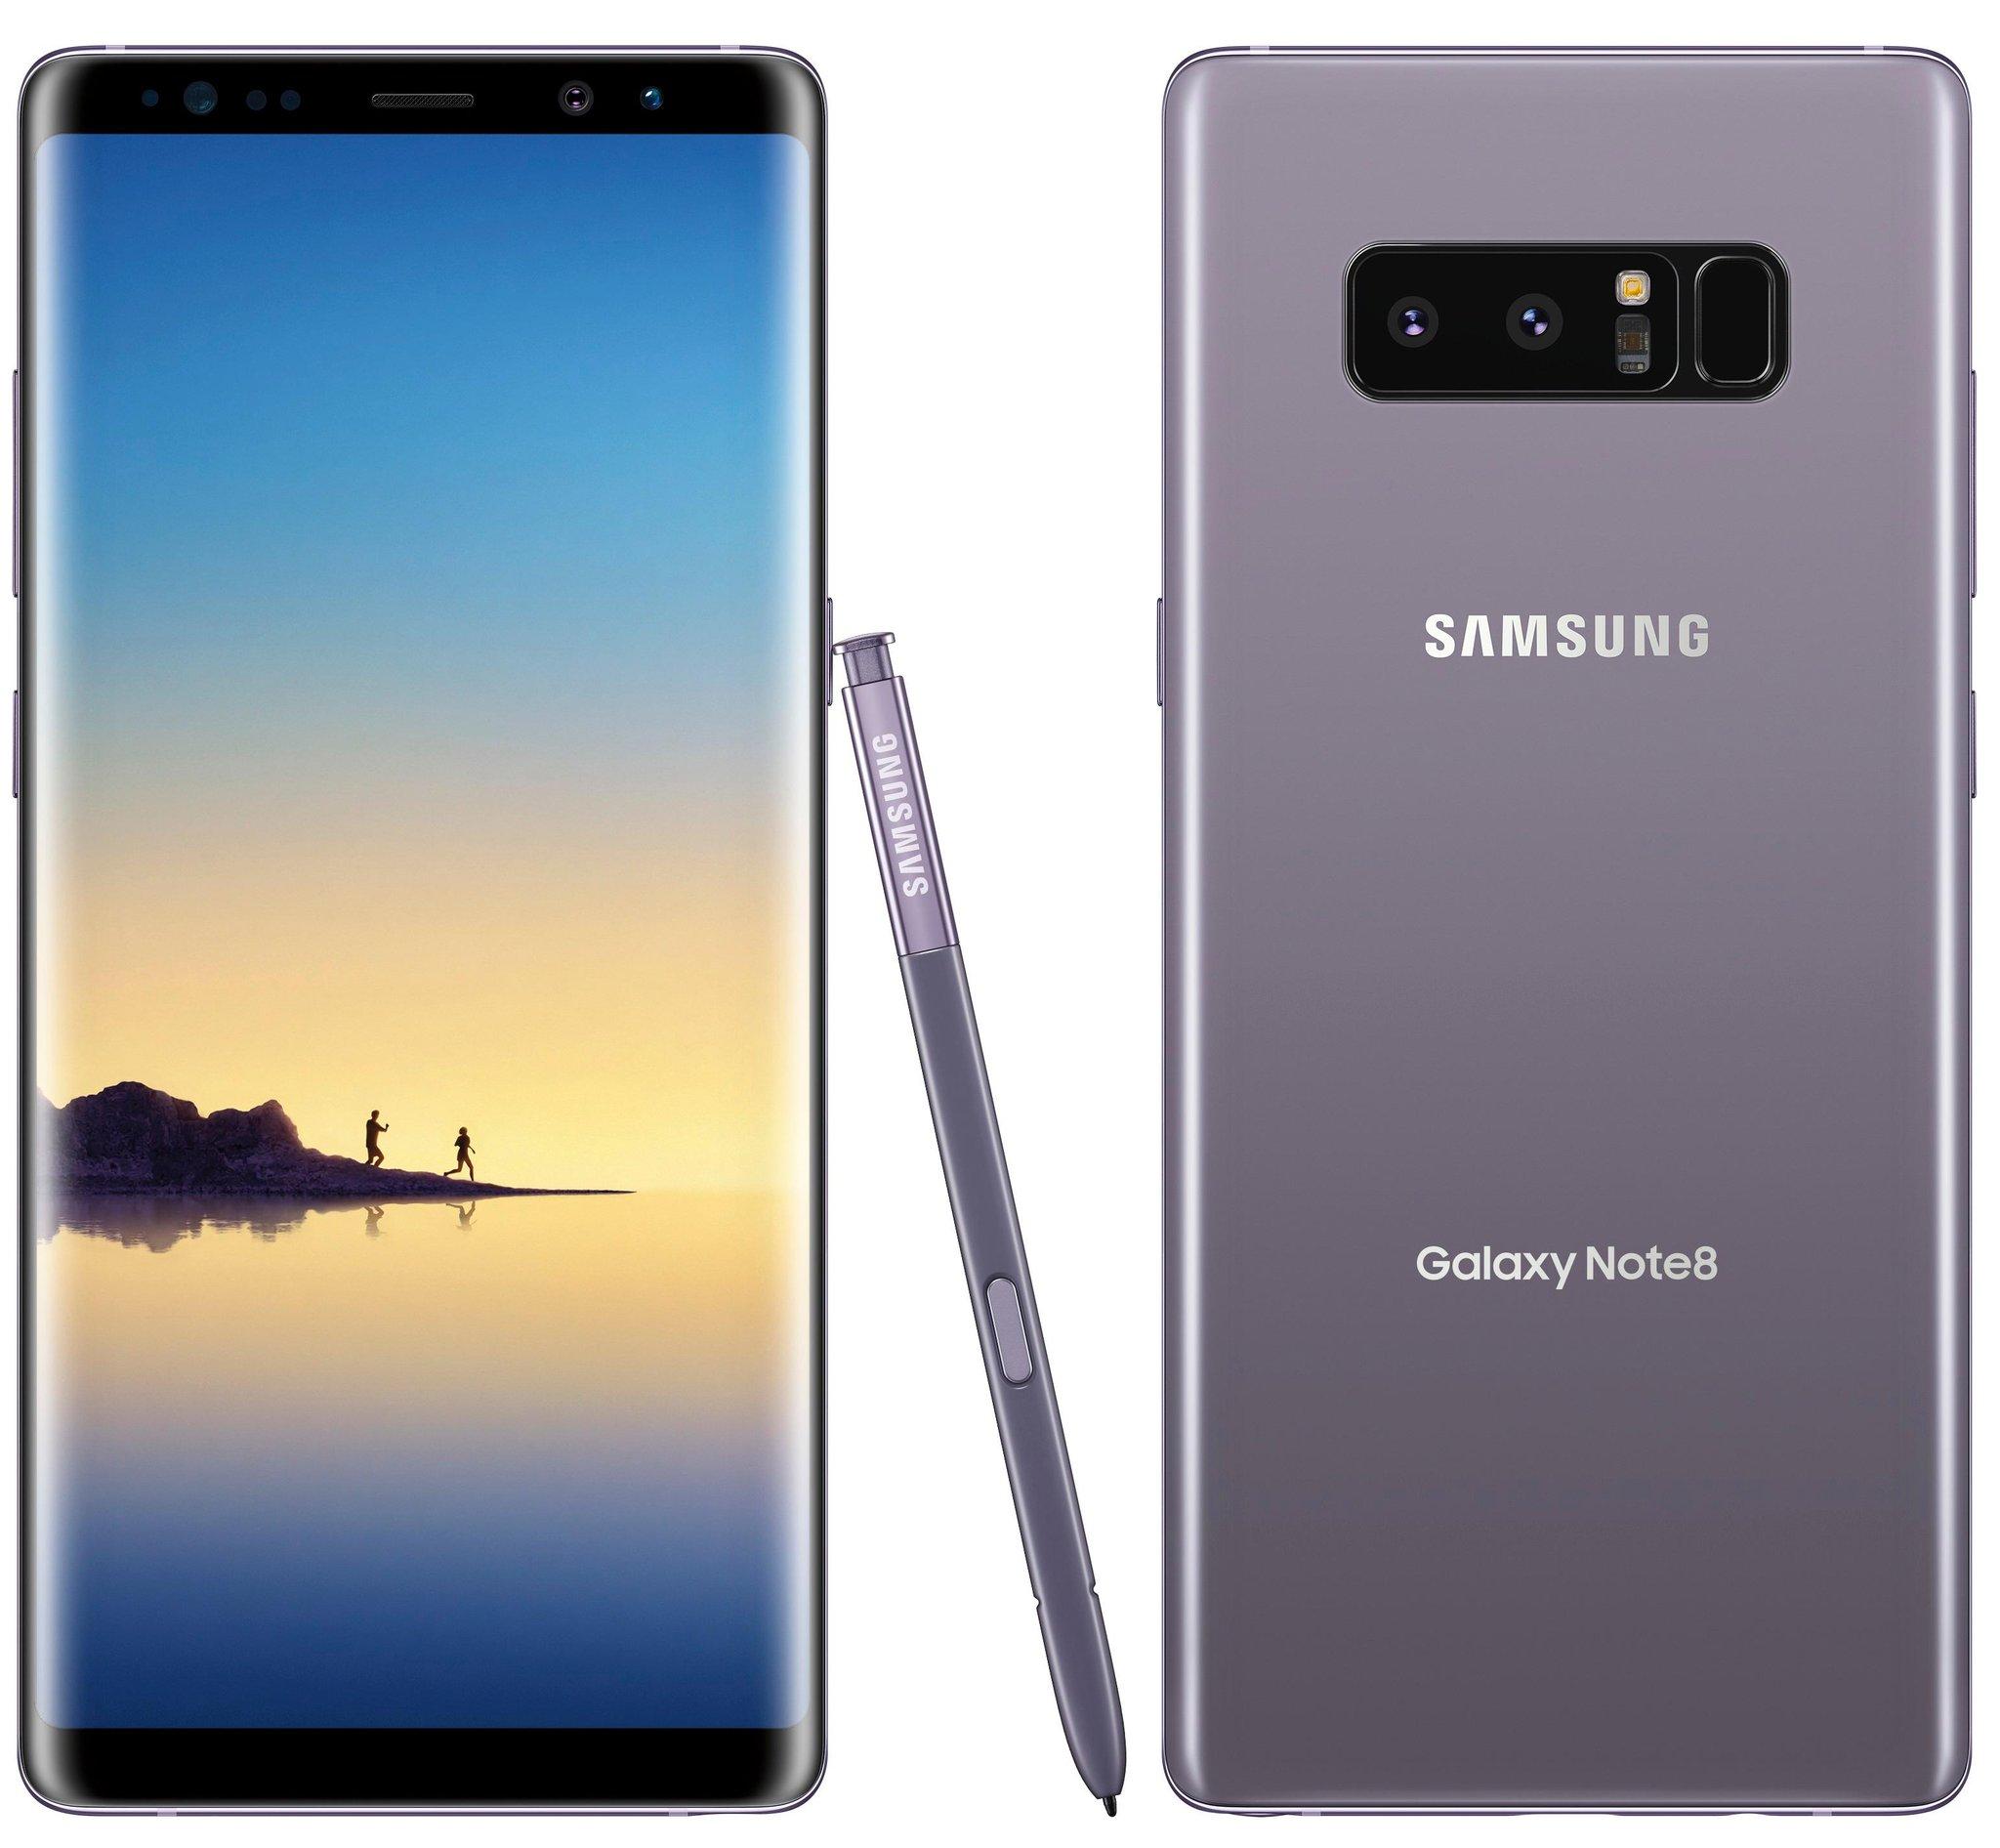 Samsung Galaxy Note 8 Dezvaluire Prezentare